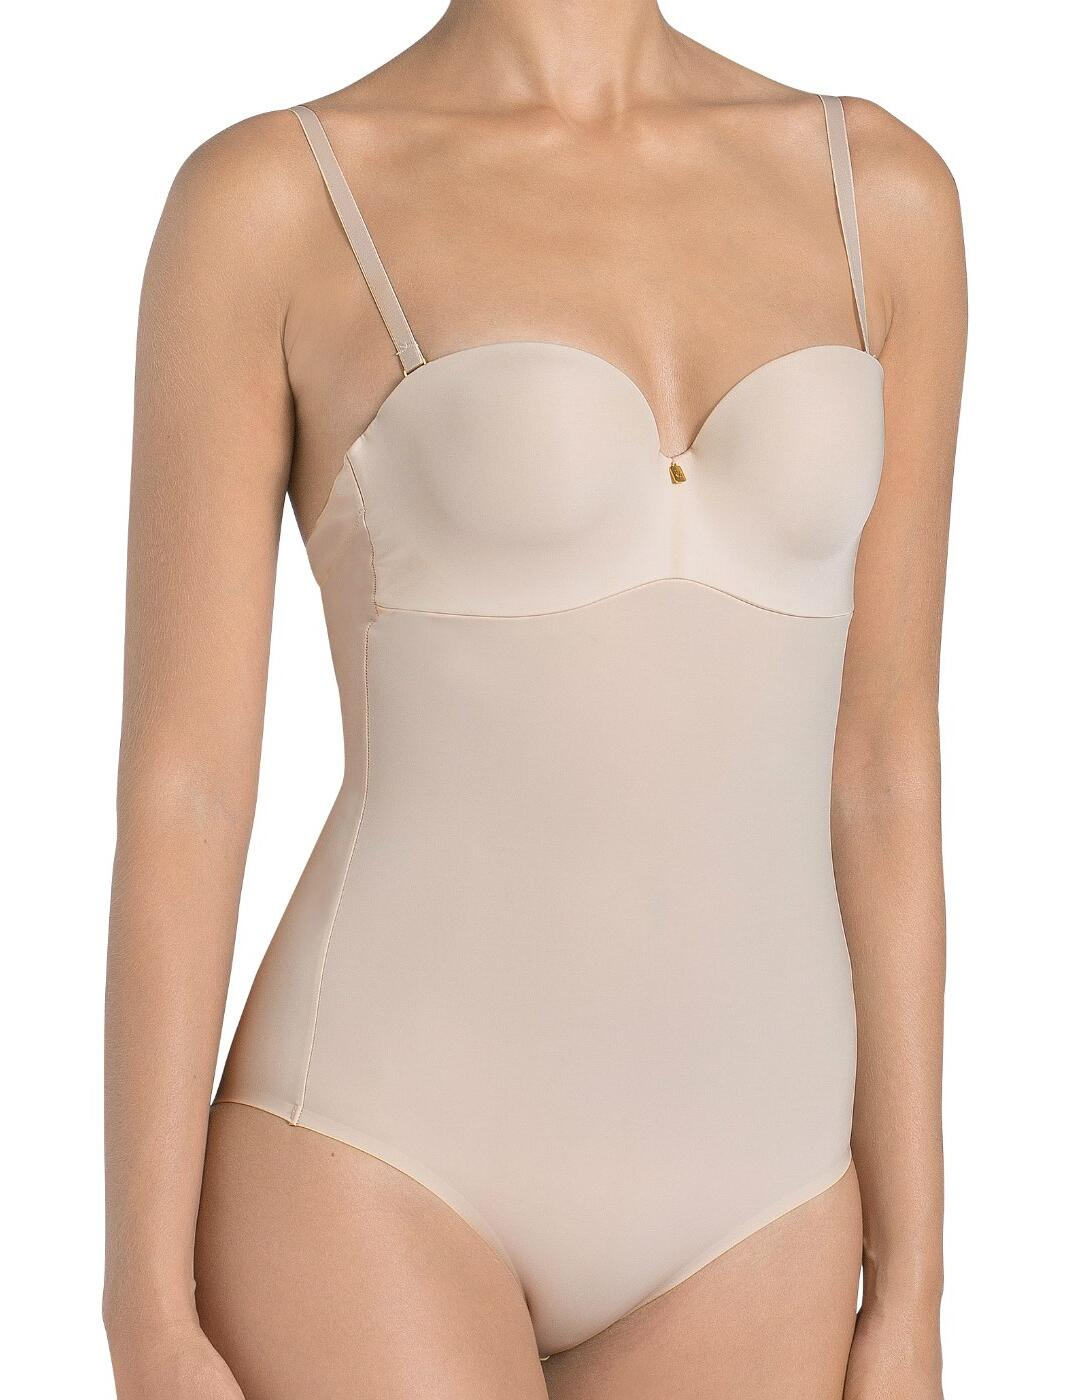 Triumph Body Make-Up Essentials Strapless BSWPM Body 10158343 Nude Beige